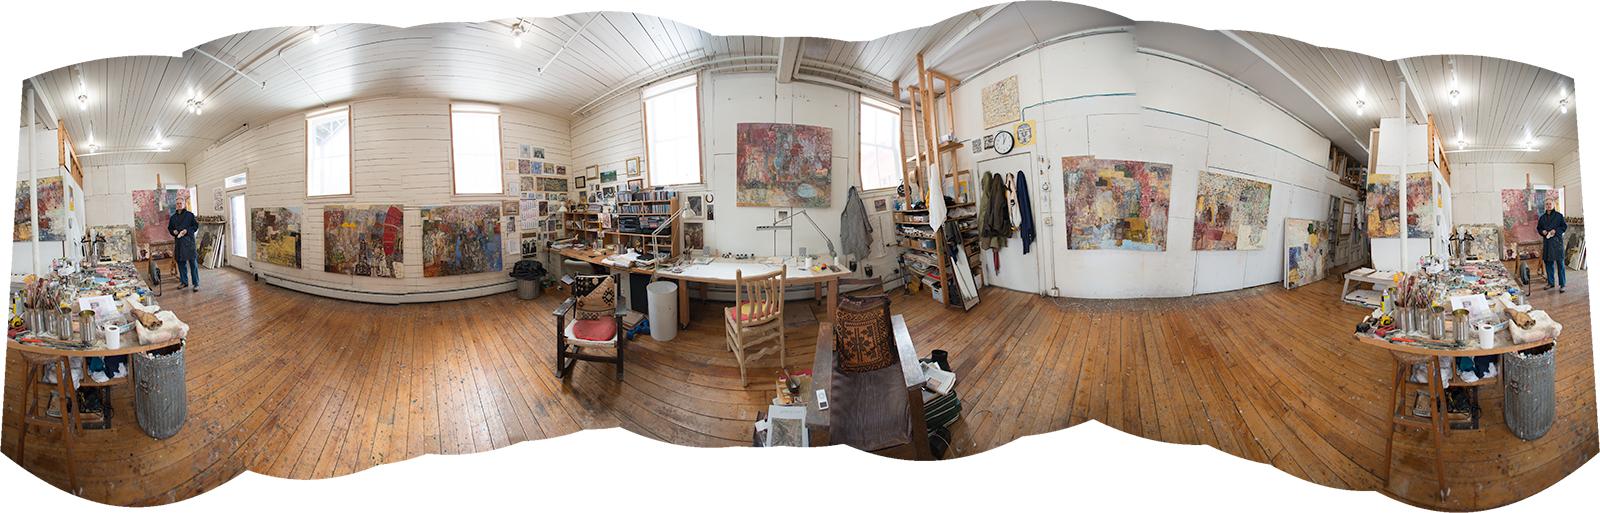 Jon's Studio